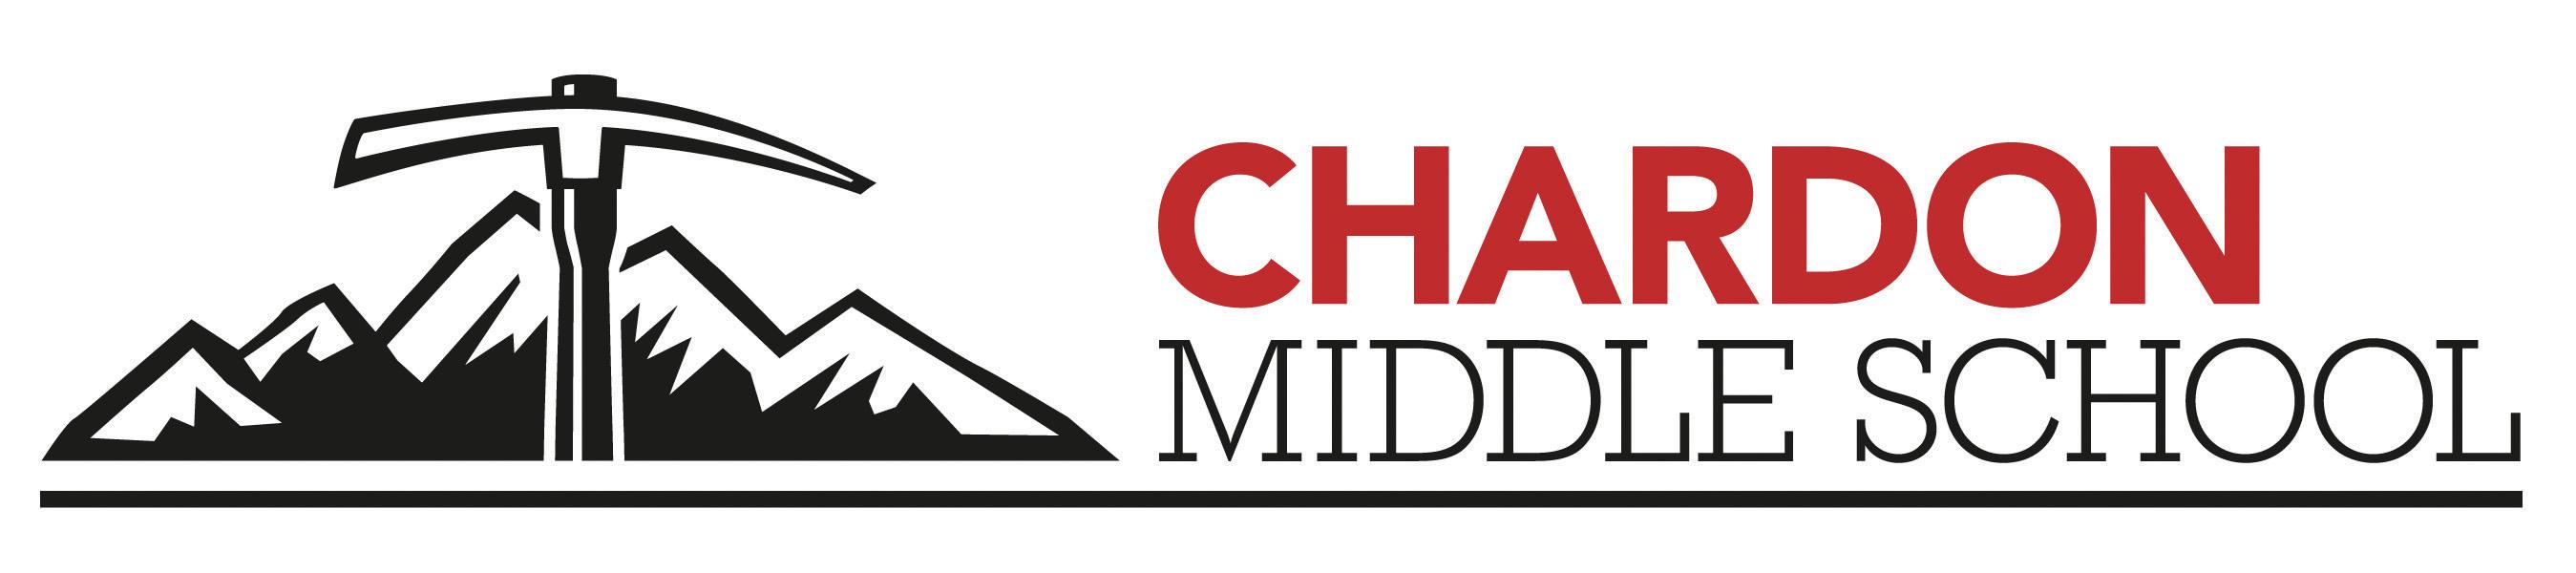 Chardon Middle School mountain axe logo